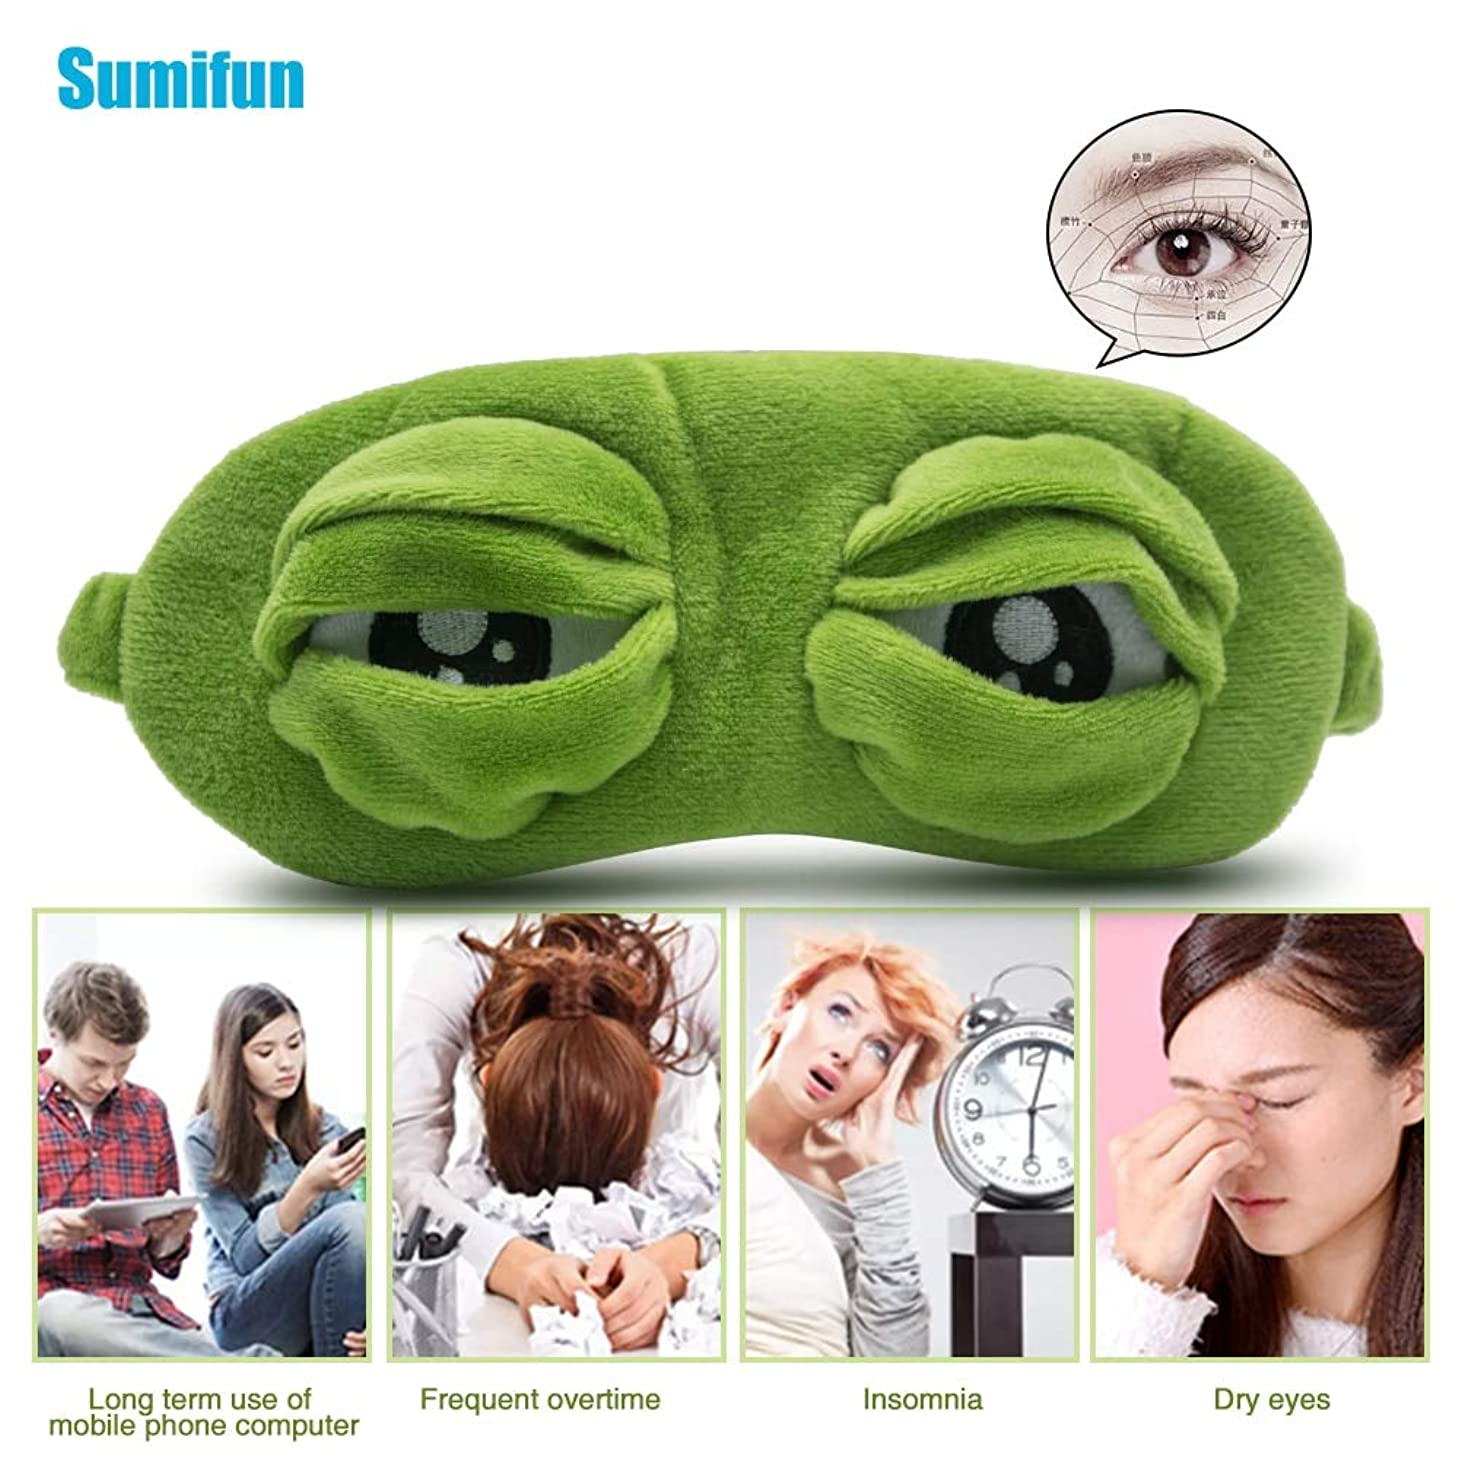 貝殻拍手するどこ注Sumifun 3D悲しいカエル睡眠マスク休息睡眠目隠しアイスカバーアイパッチ睡眠マスクC1360